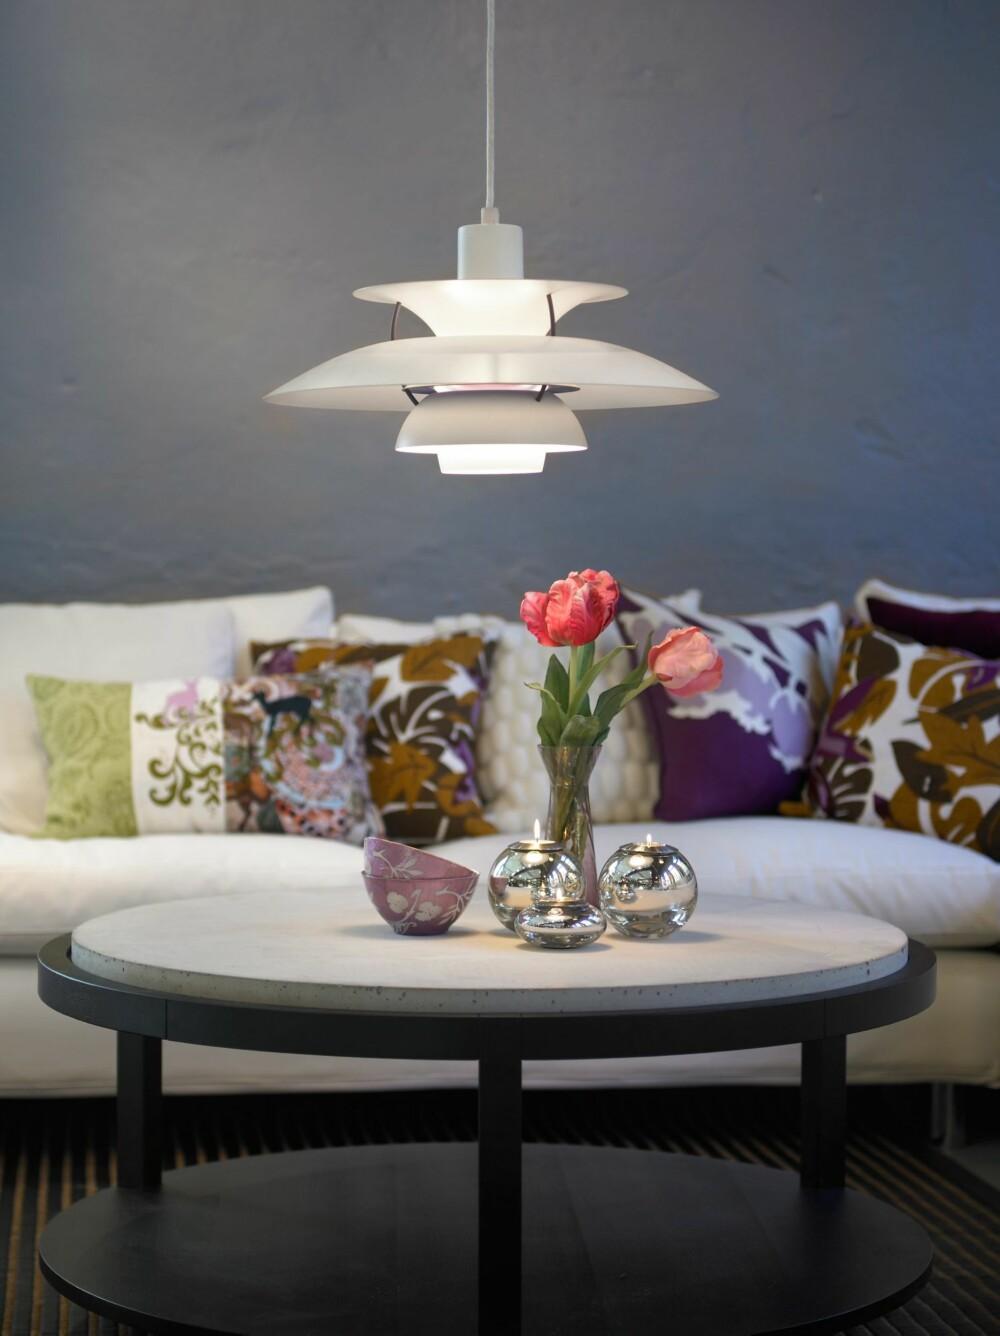 SMART VALG: Når du velger lamper bør funksjon definitivt gå foran estetikk. Når begge deler jobber sammen, som her, er det optimalt.